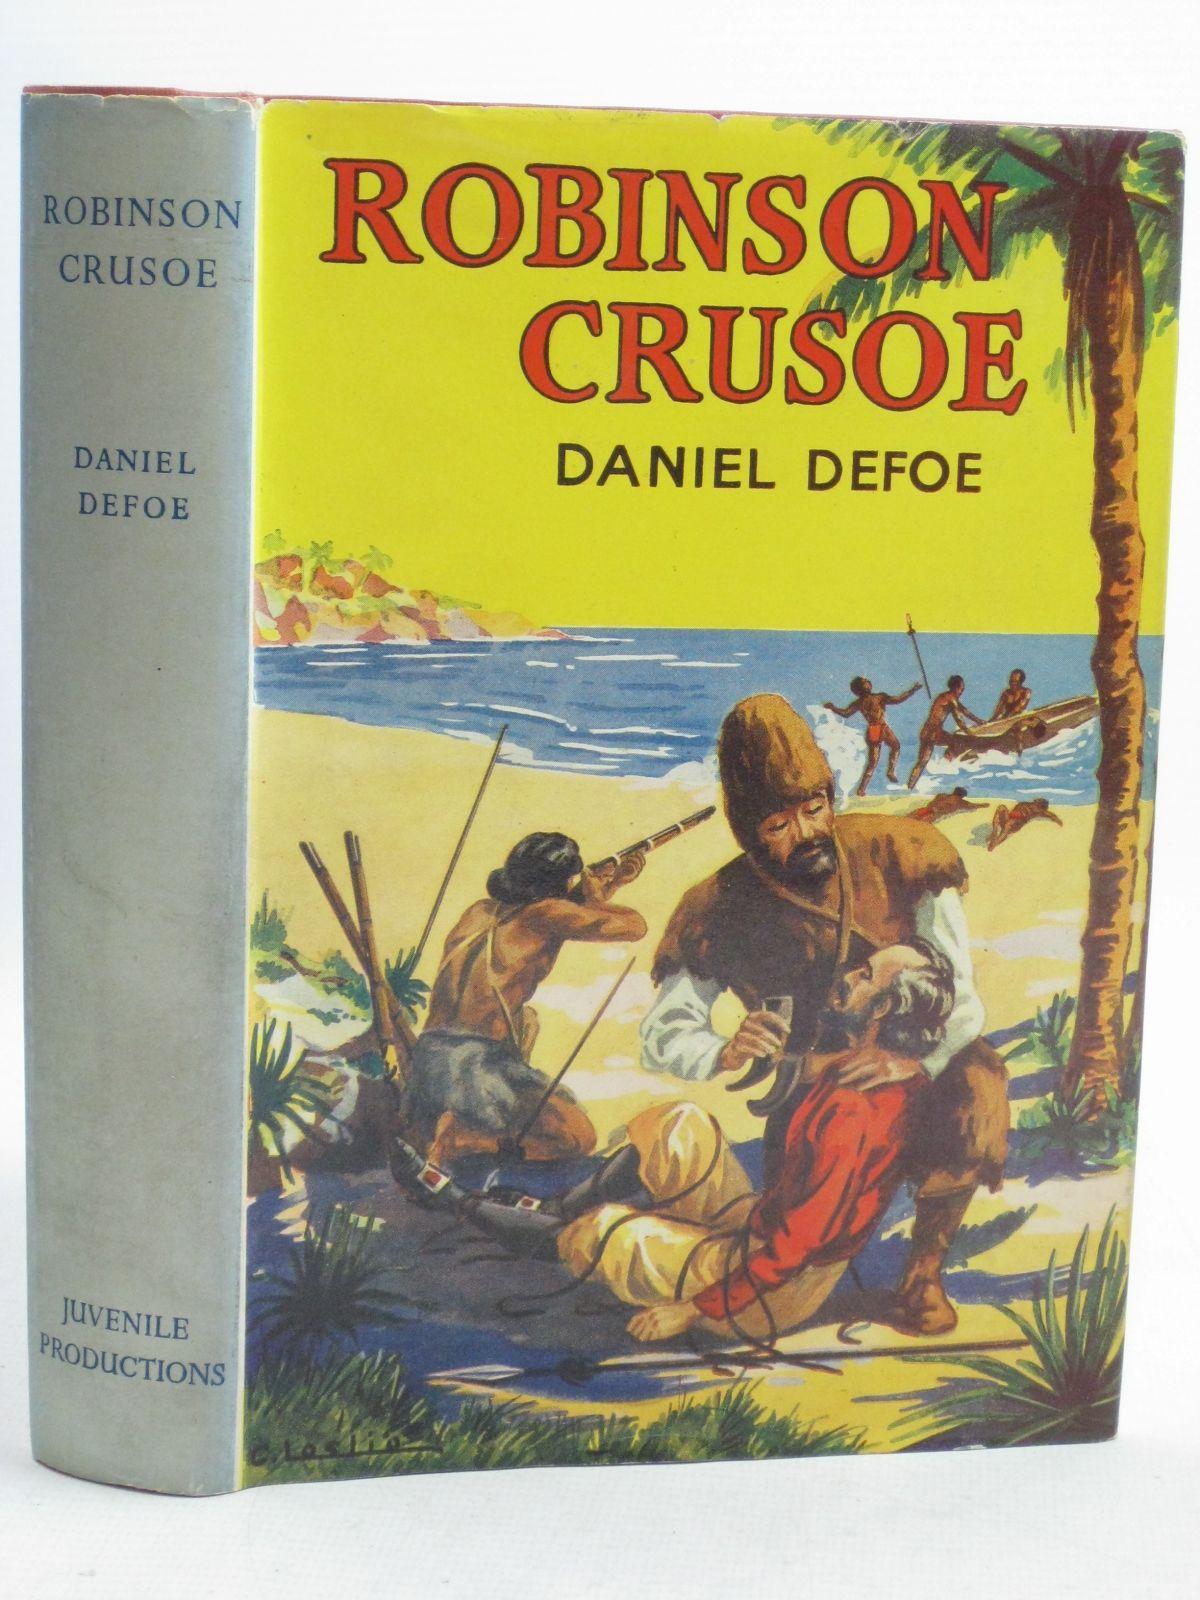 when was robinson crusoe written